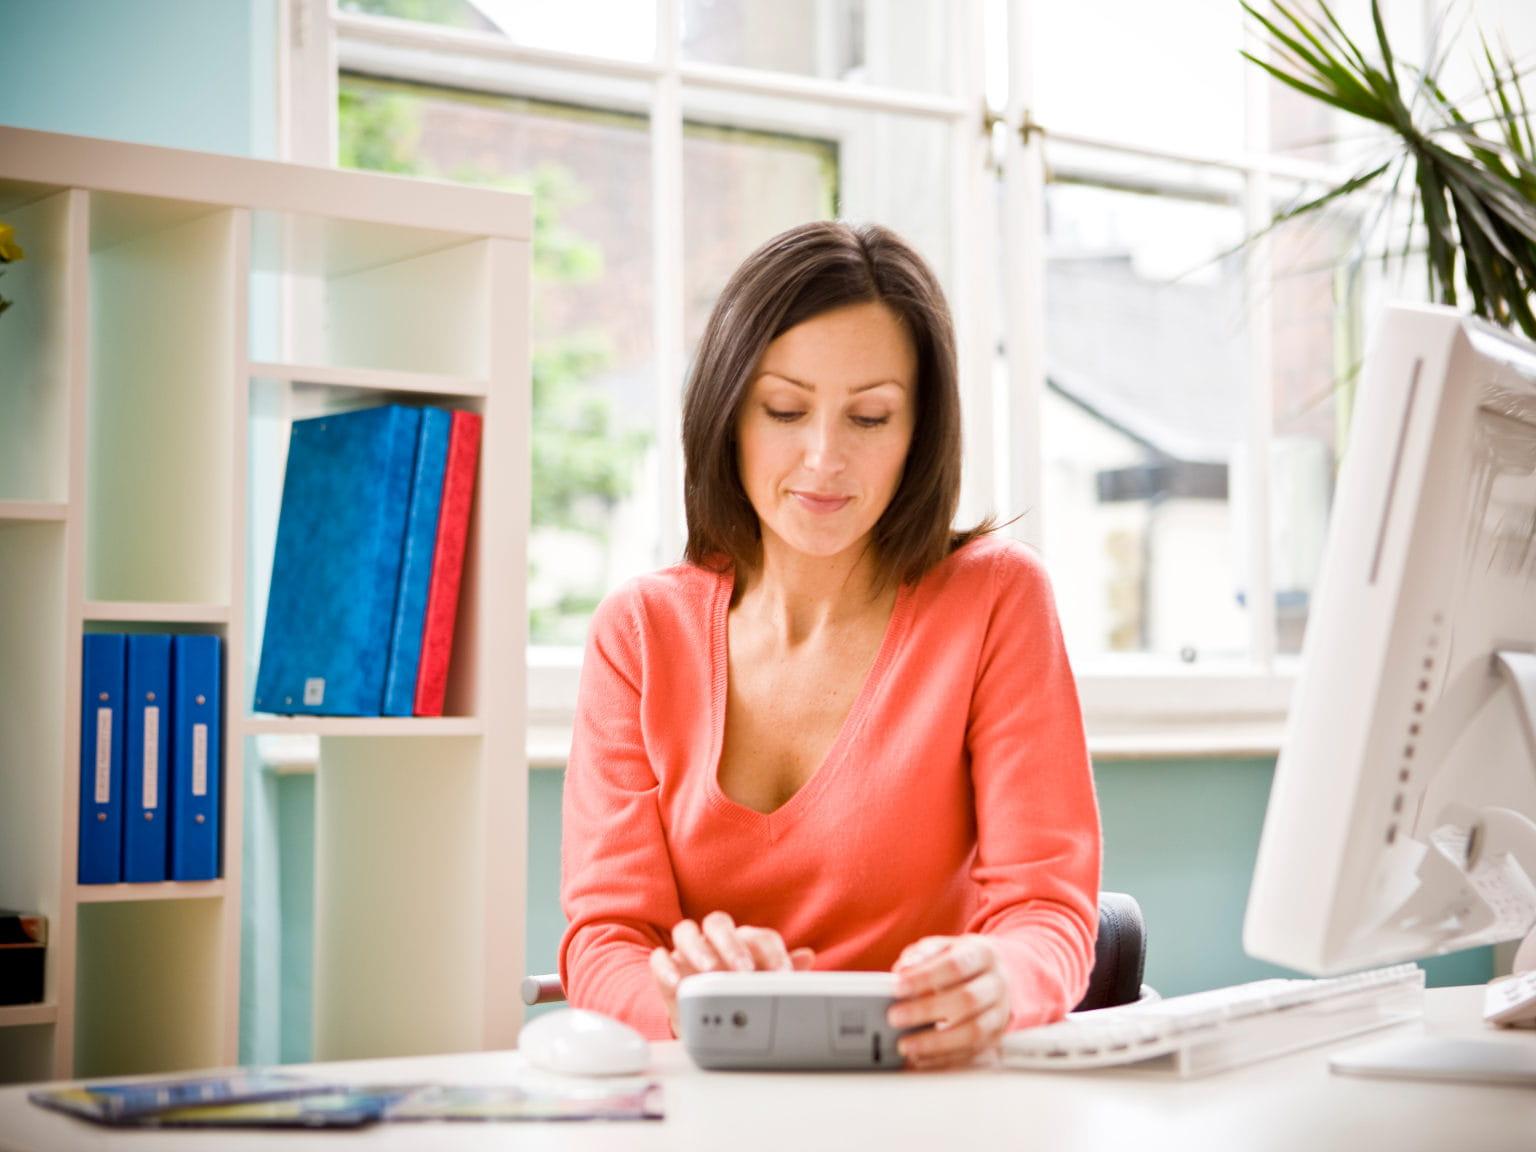 Mujer en oficina utiilizando rotuladora Brother